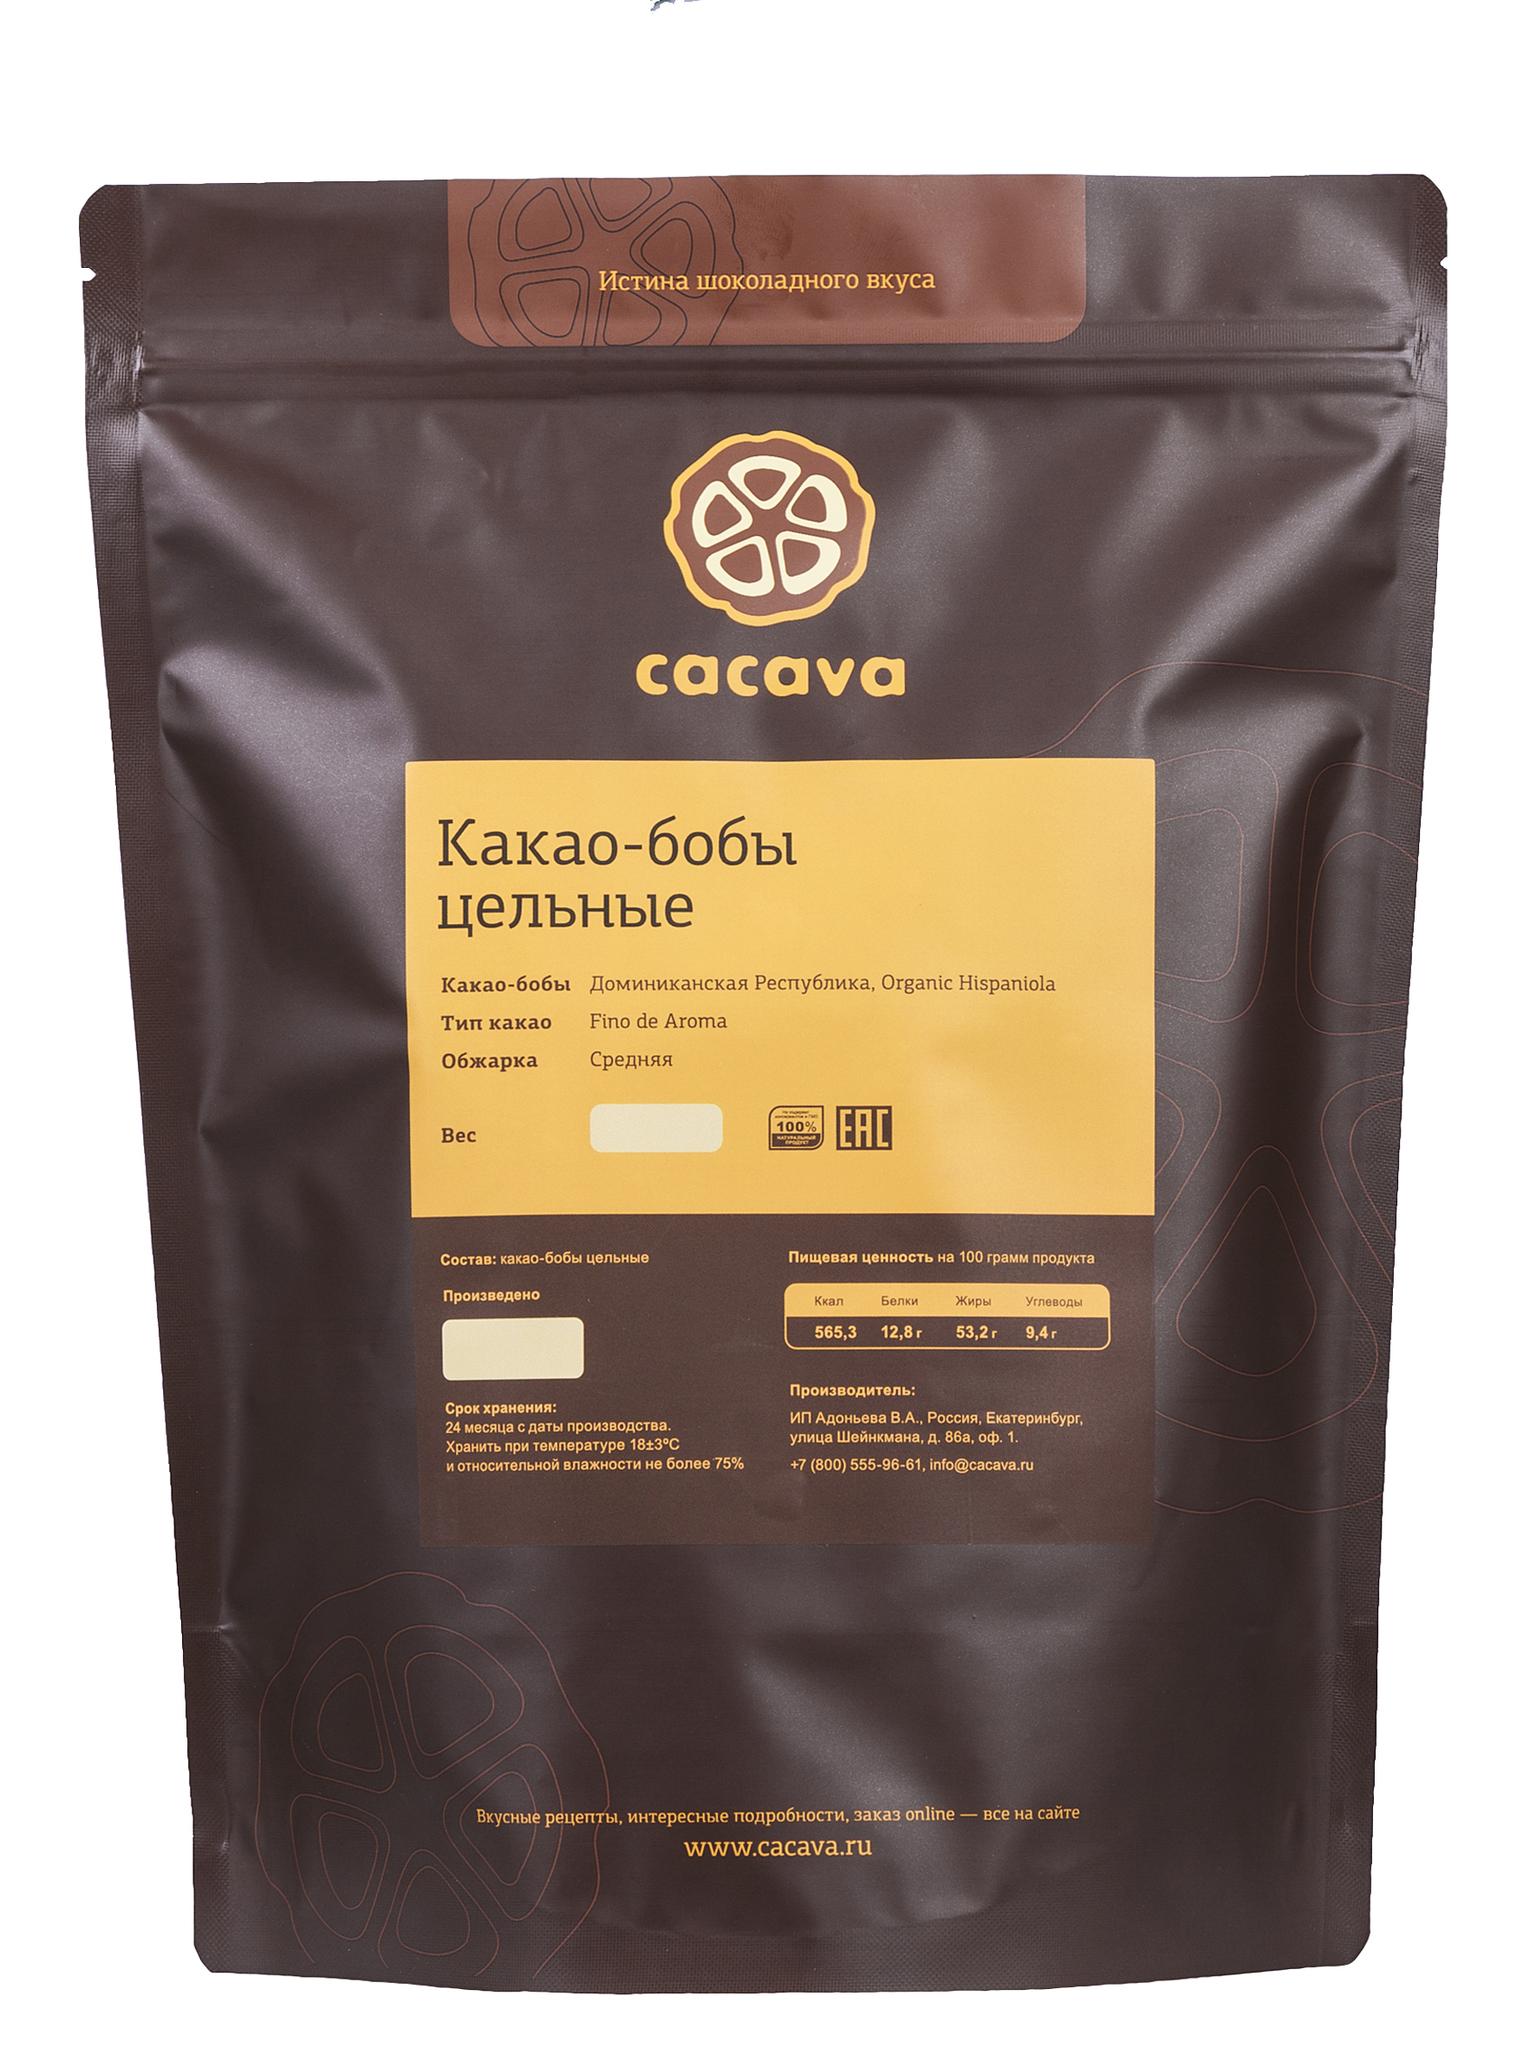 Какао-бобы цельные (Доминикана), упаковка 1 кг